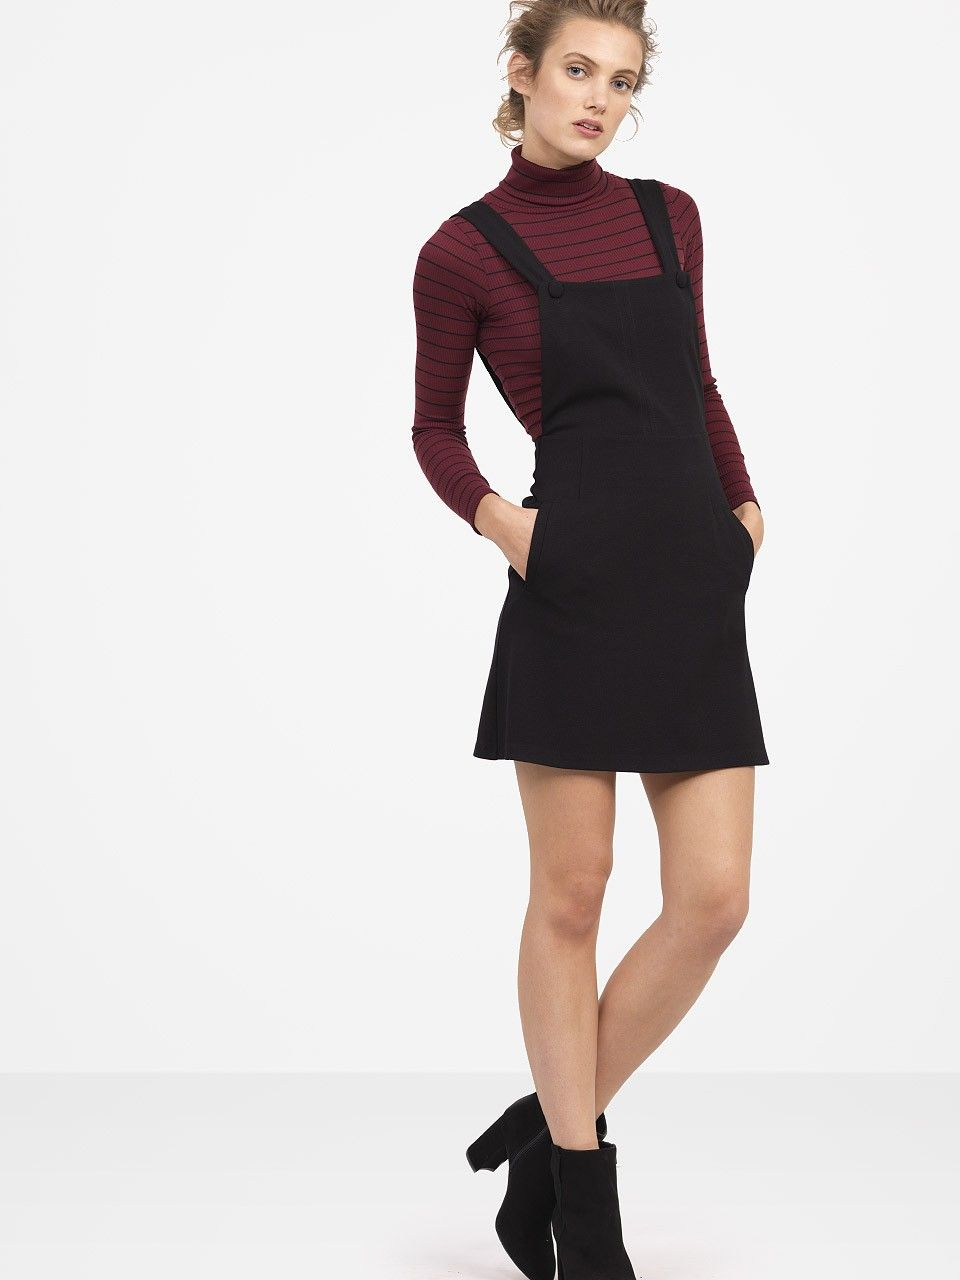 e85e9cd2 Black Pinafore Mini Dress // #NobodysChild #fashion | Stitchfix in ...